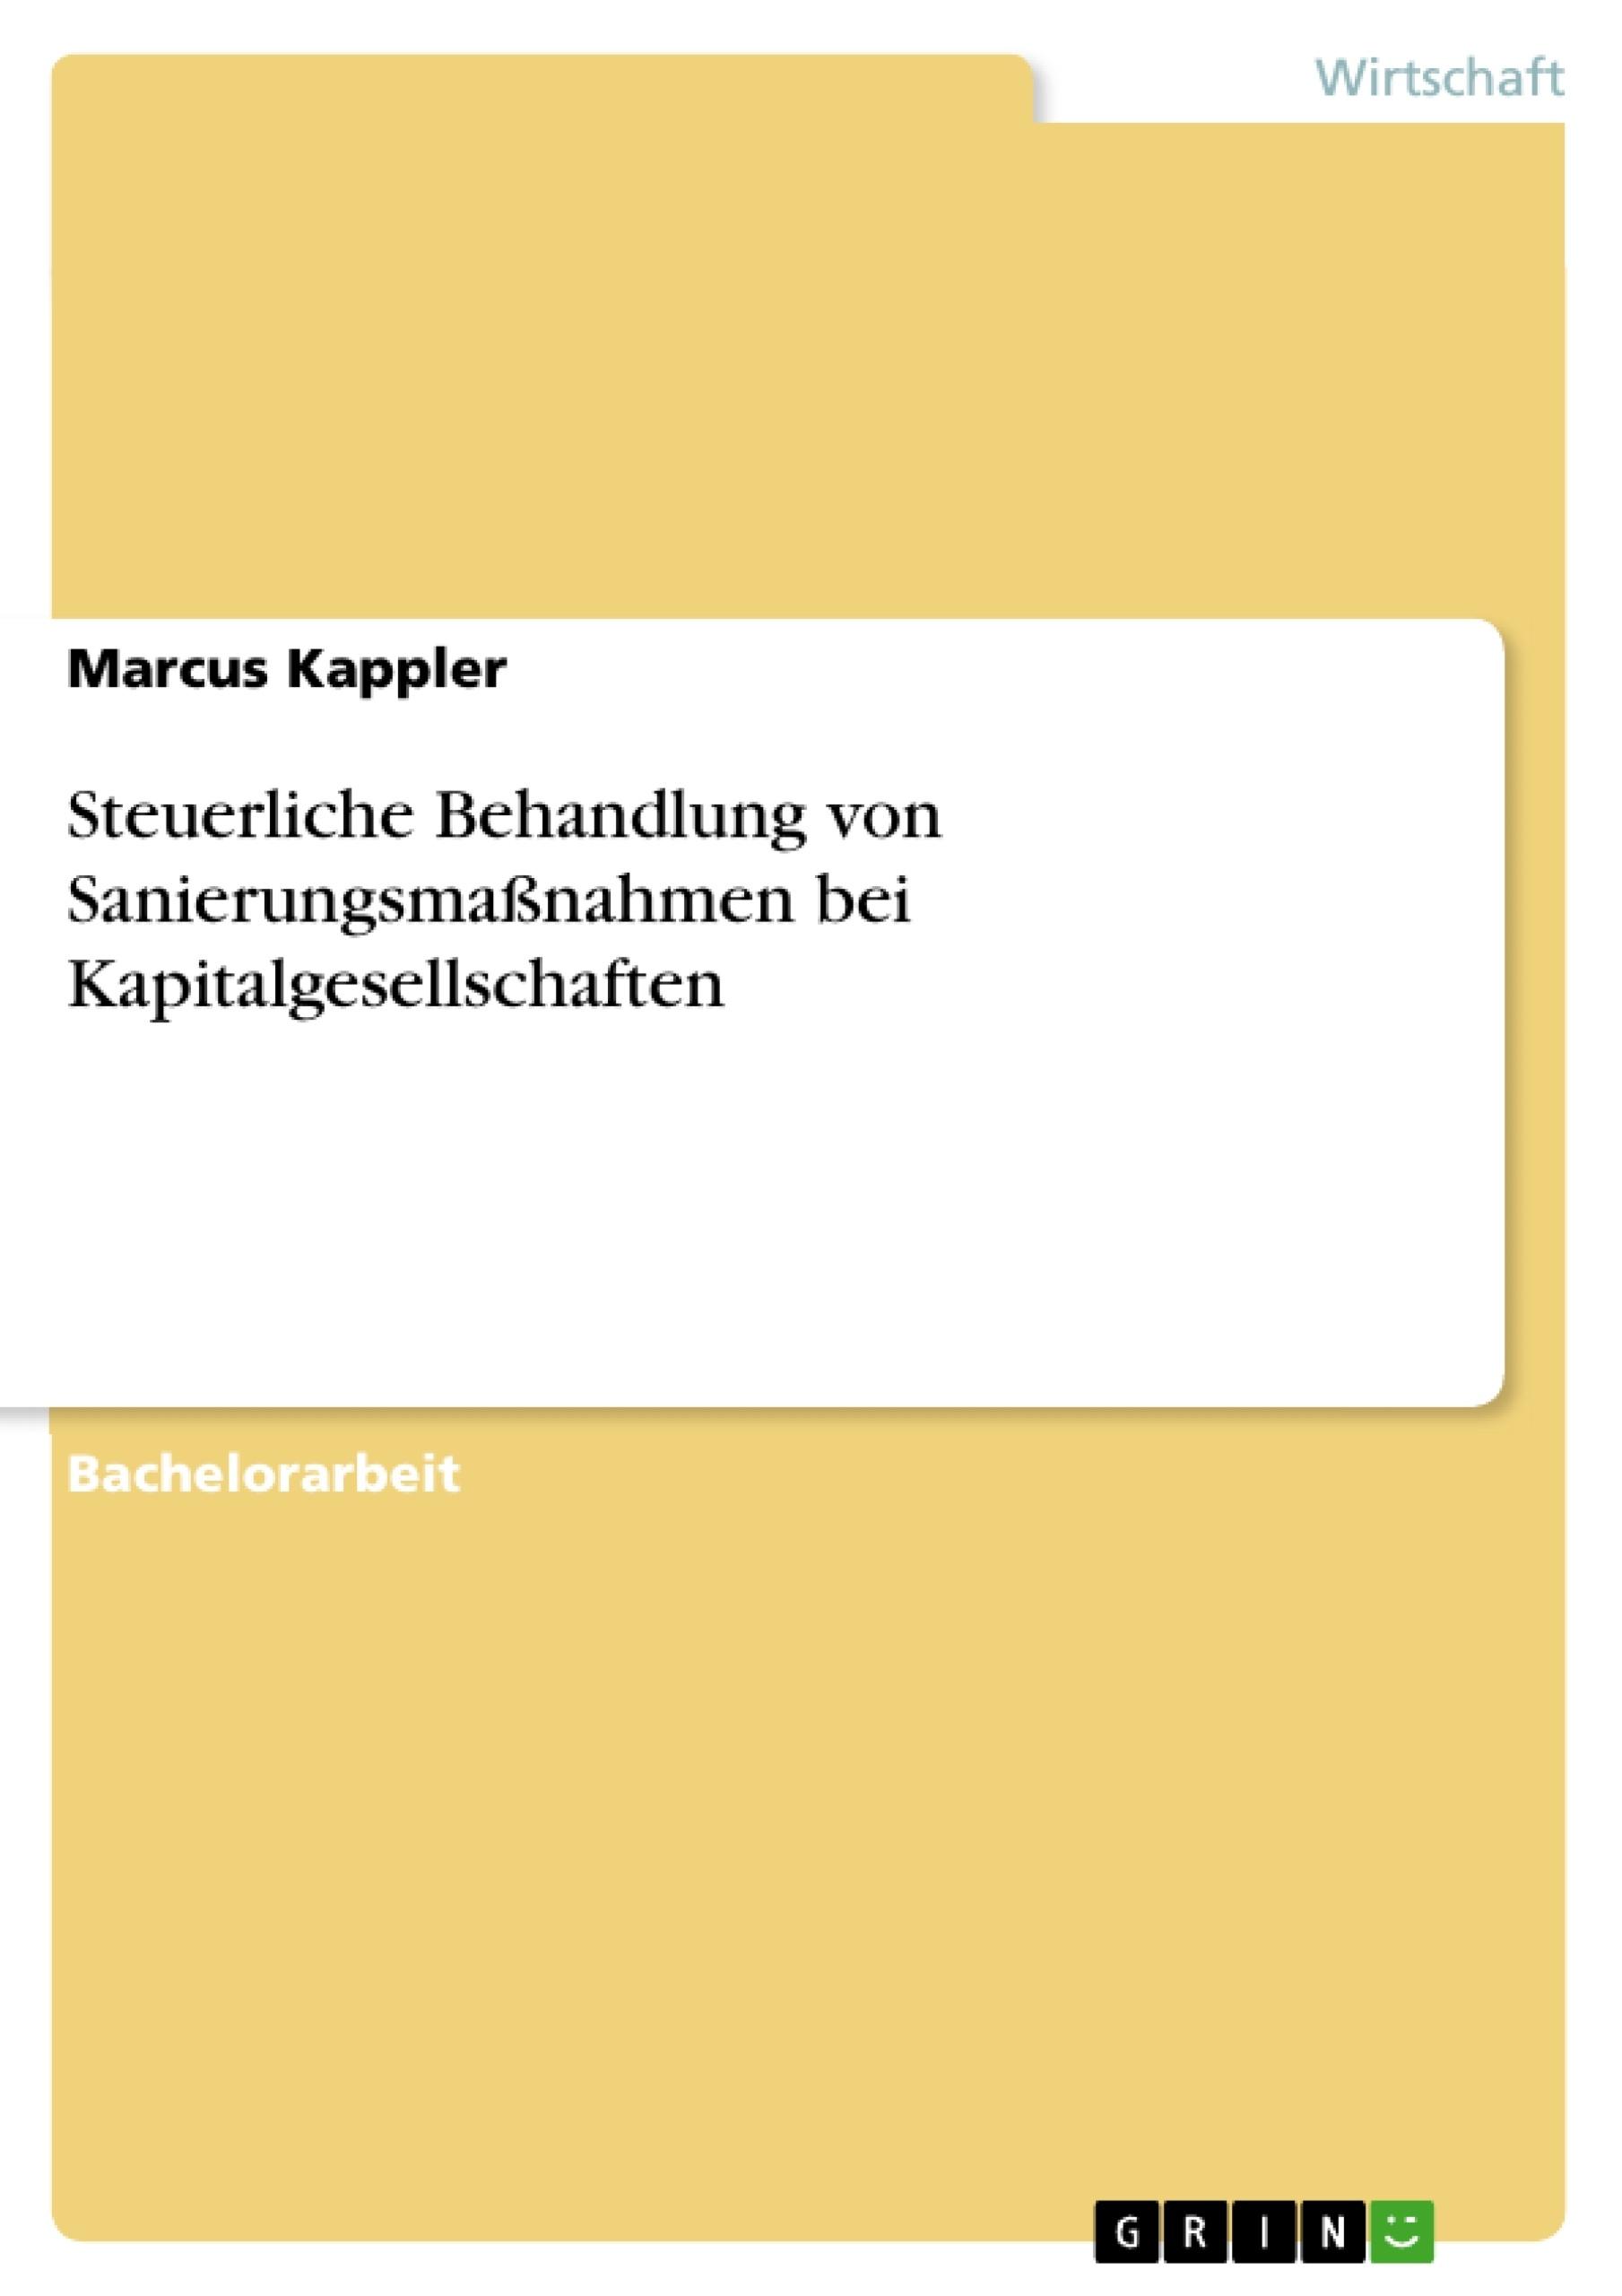 Titel: Steuerliche Behandlung von Sanierungsmaßnahmen bei Kapitalgesellschaften